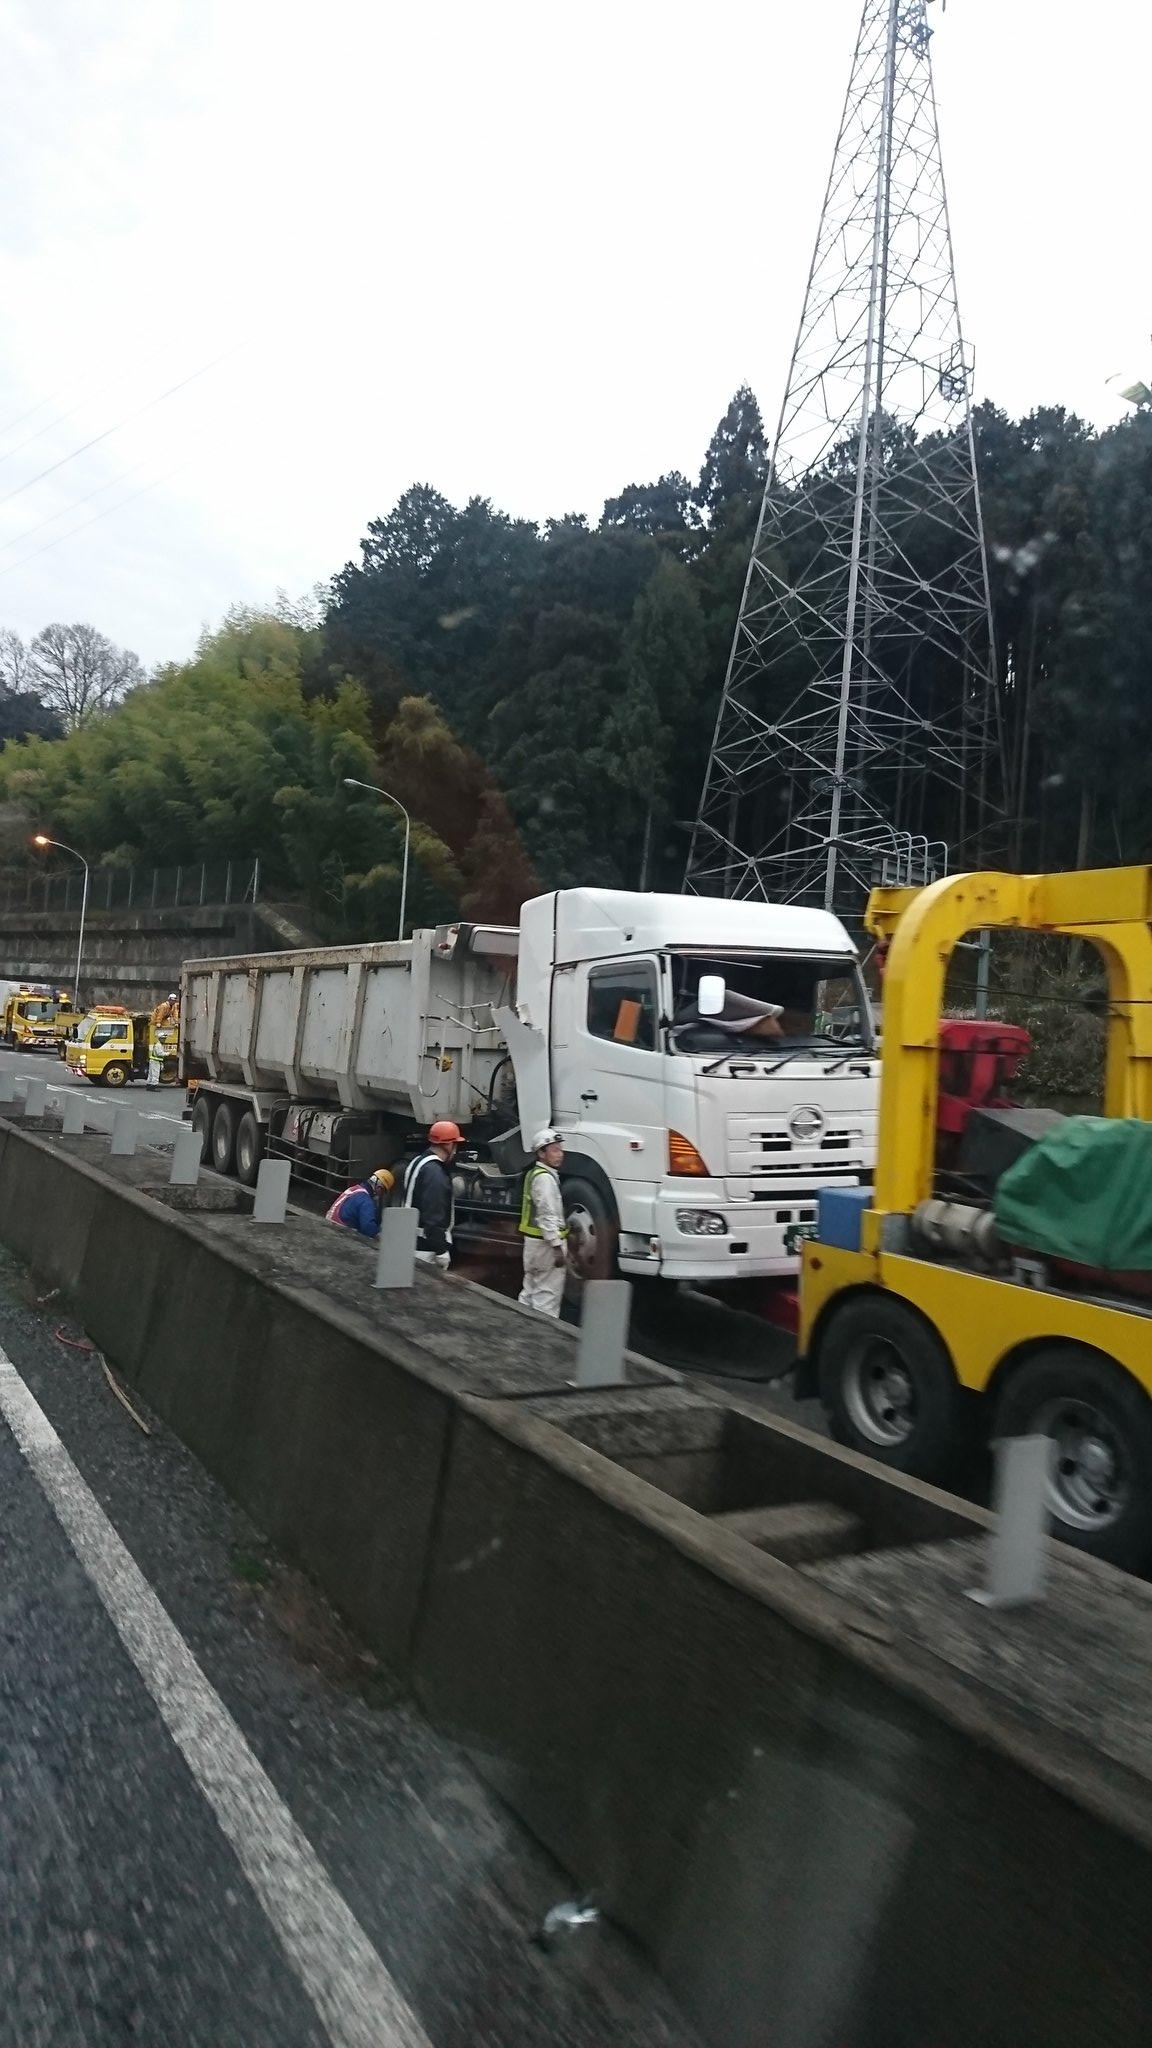 画像,名阪国道下り、土砂ぶちまけて通行止w https://t.co/6F7qTbH5HN。